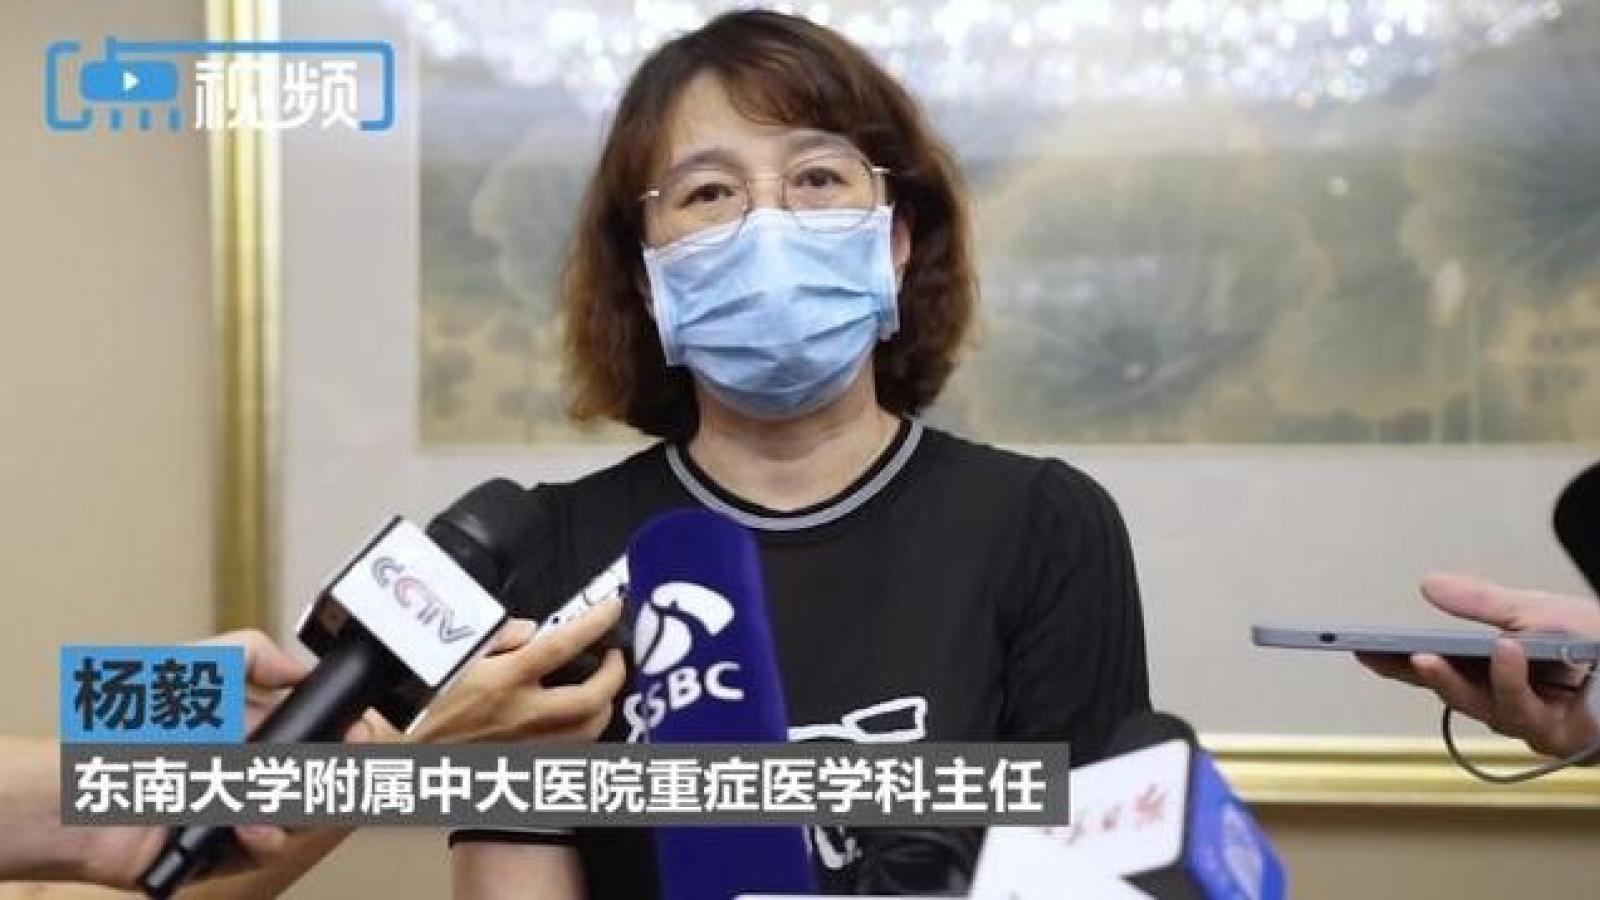 Hầu hết các ca mắc Covid-19 ở Nam Kinh (Trung Quốc) đều đã tiêm vaccine